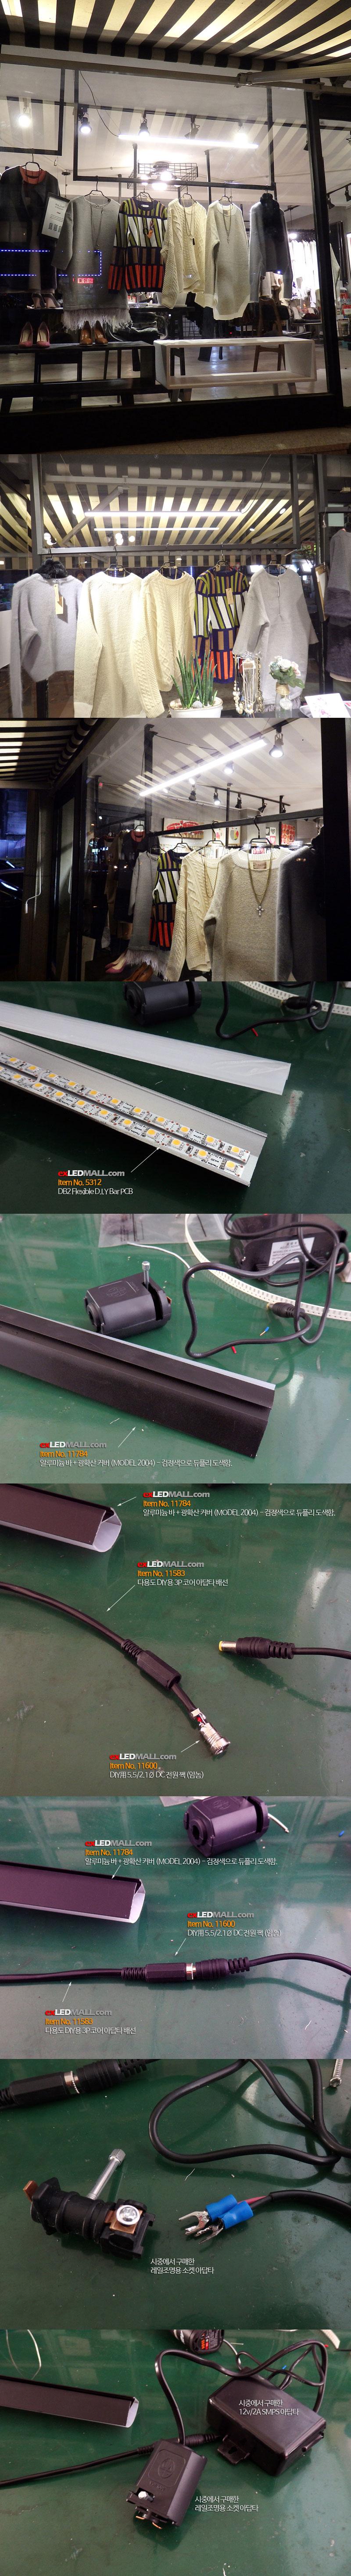 알루미늄 바 + 광확산 커버 (MODEL 26012401) : 싱크대 조명용으로 추천